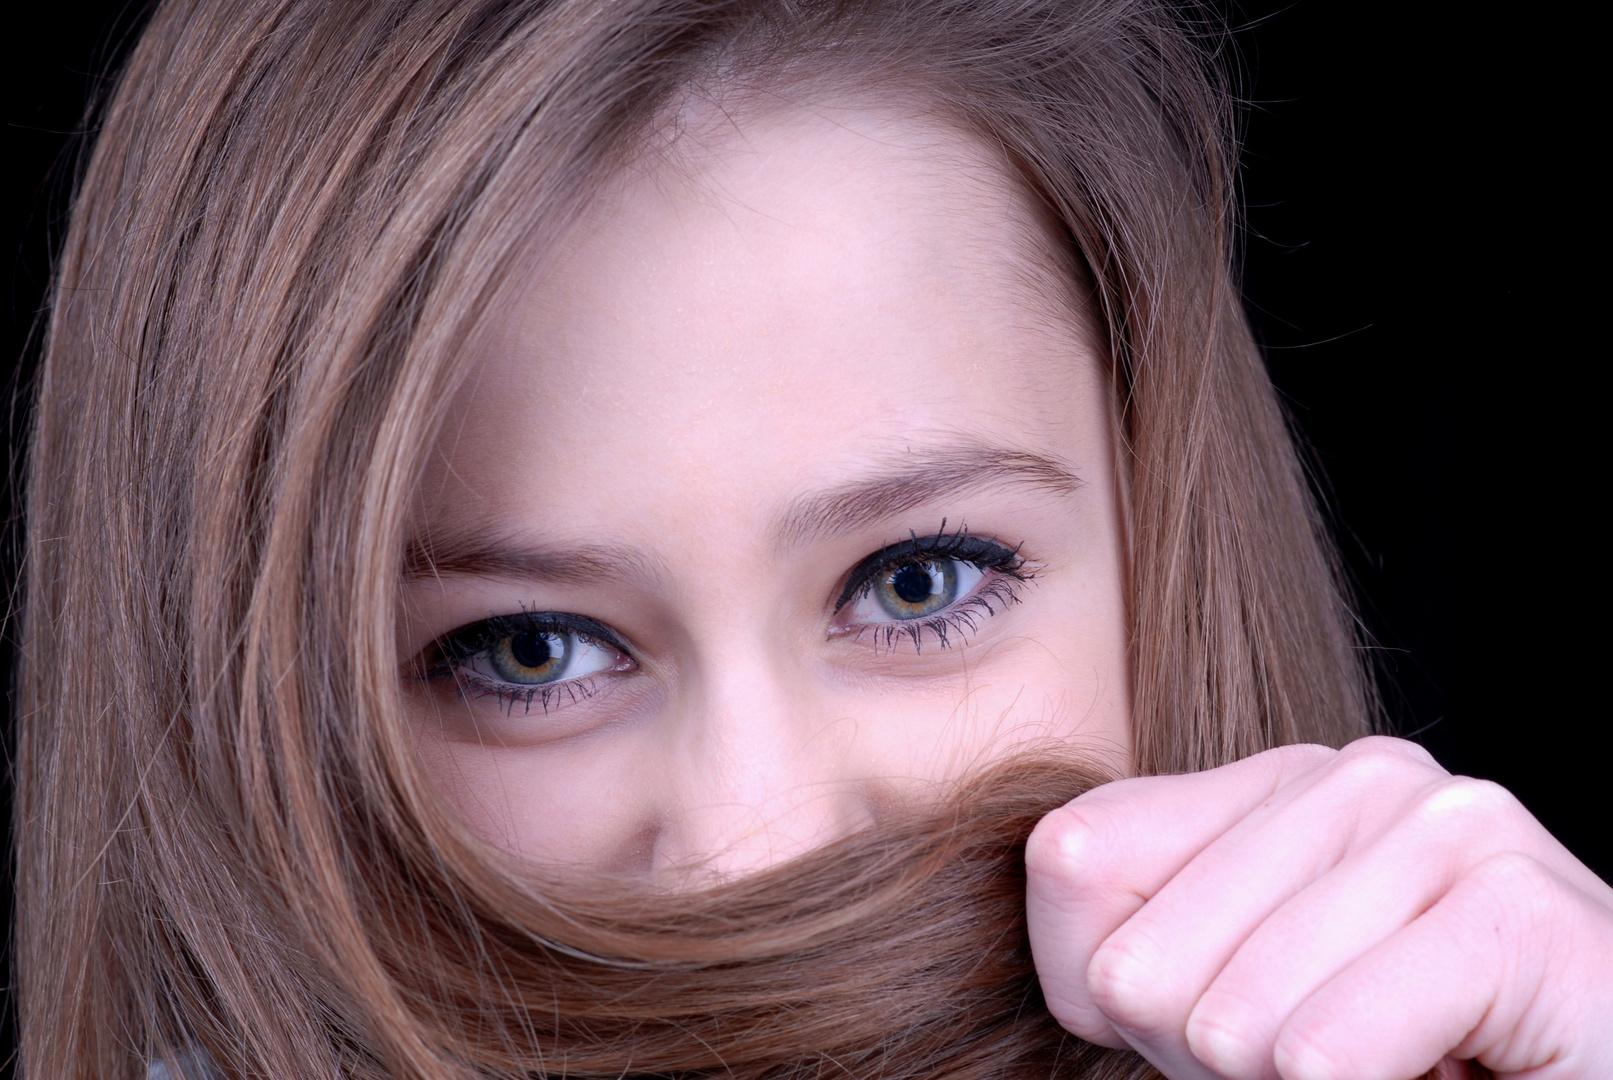 Wunderschöne Augen ;)